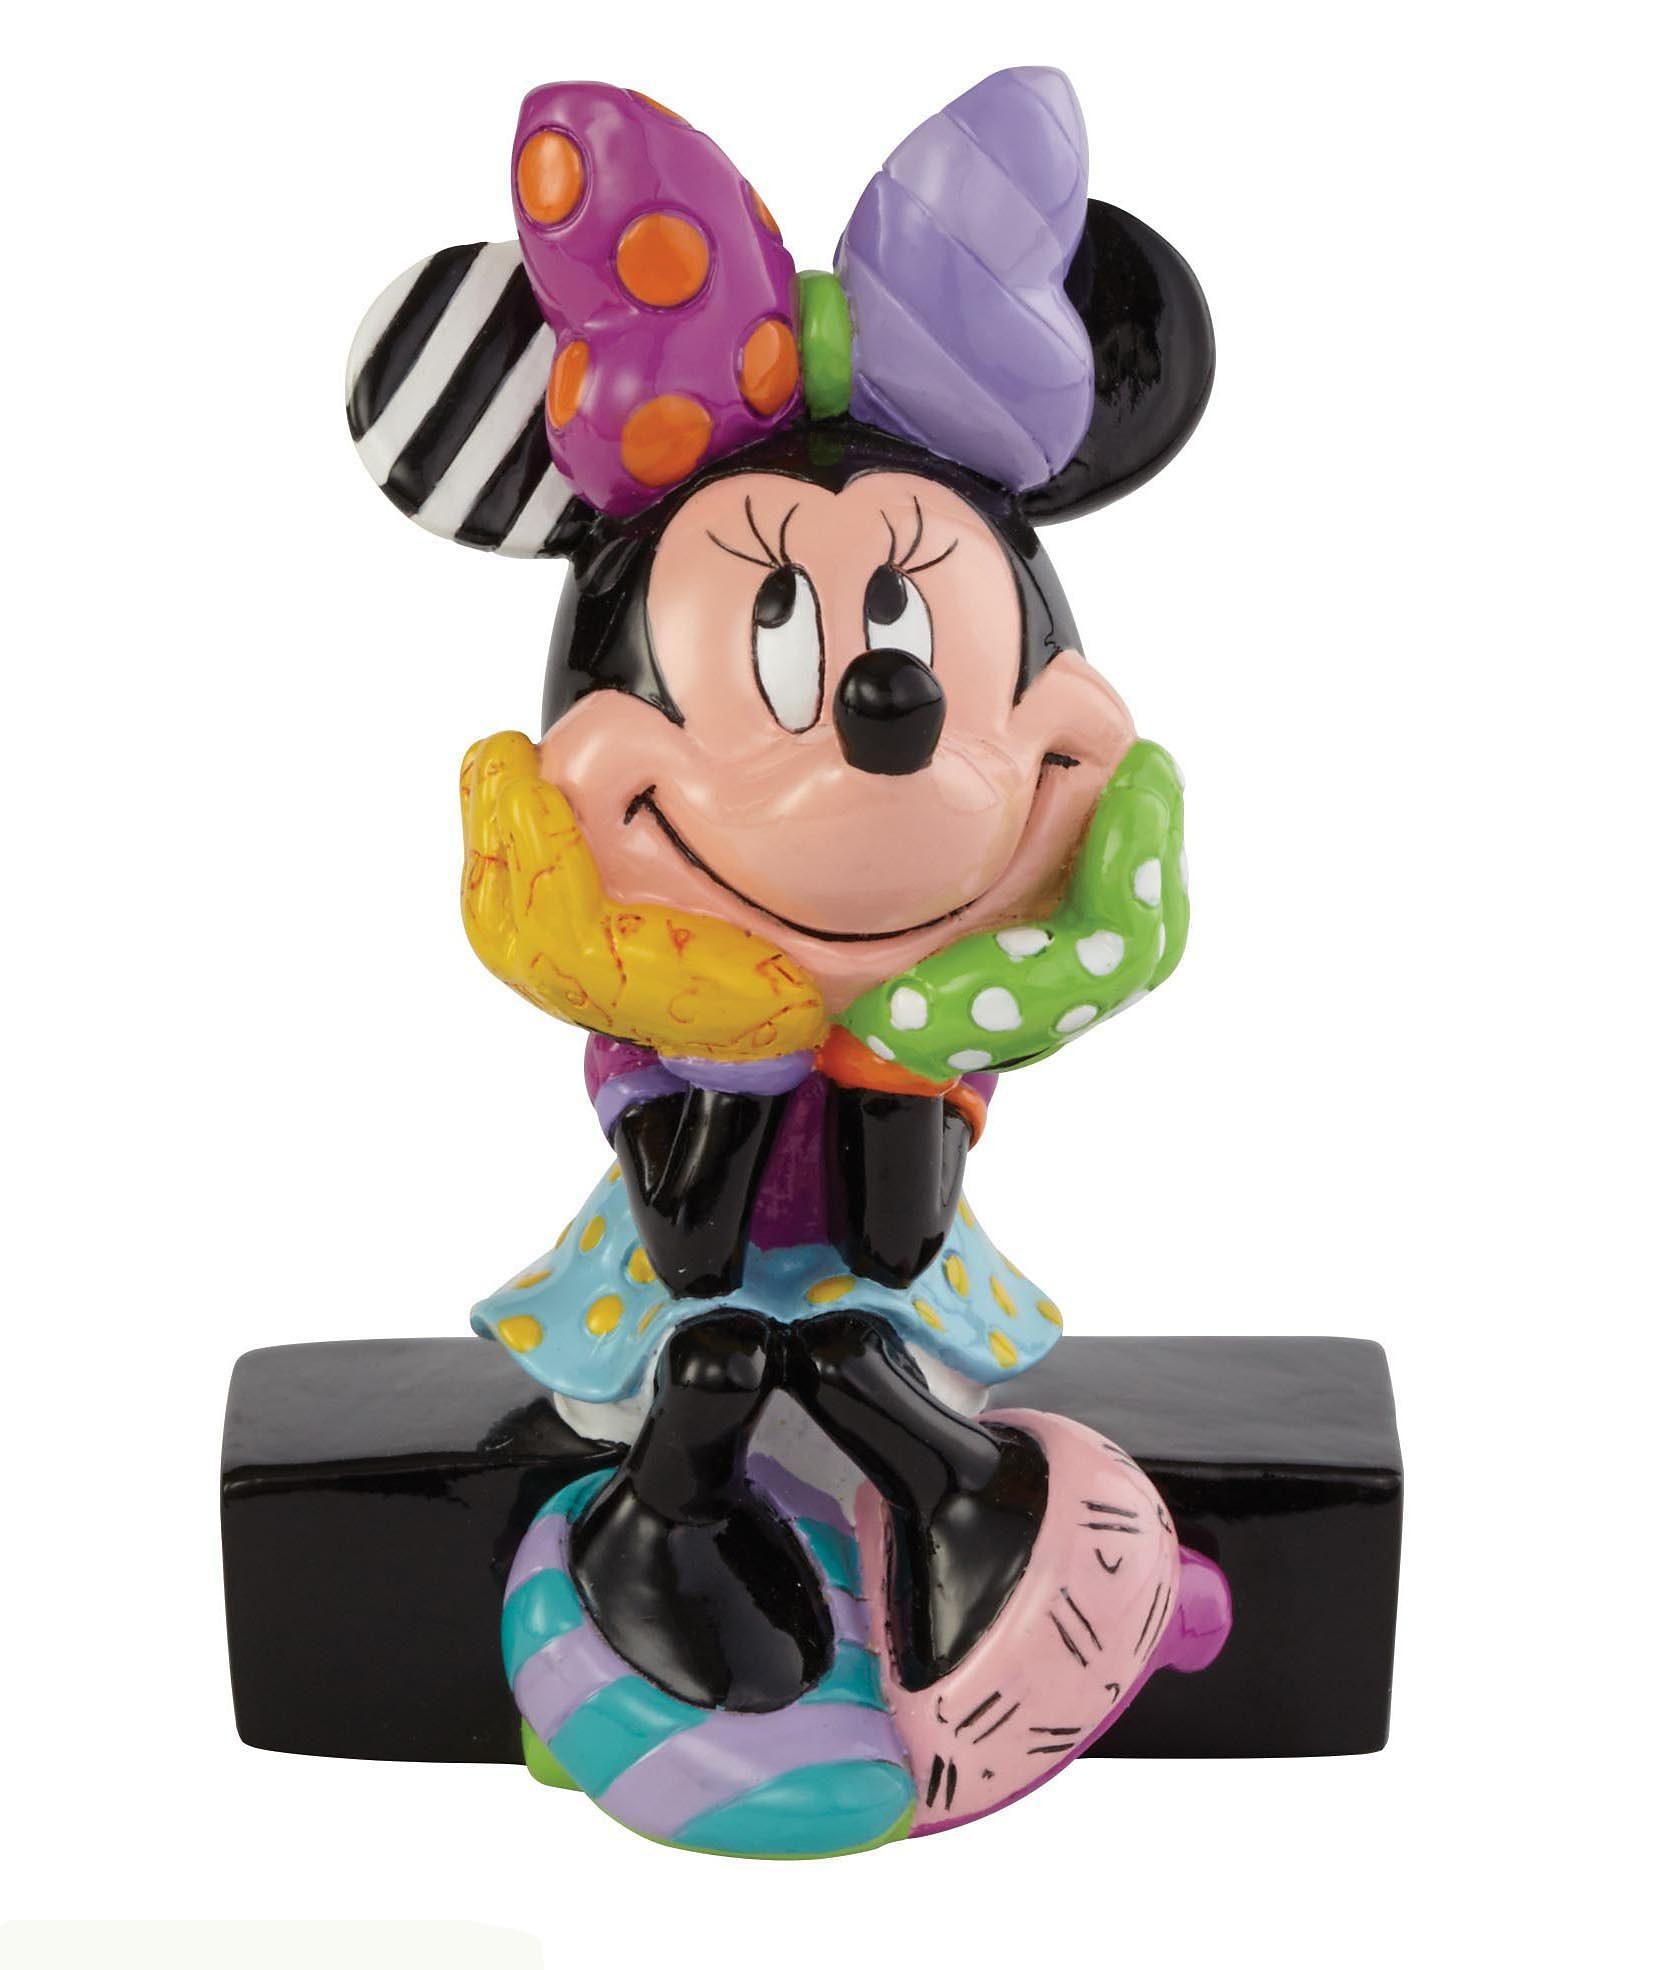 Disney by Britto Figur PopArt sitzend auf Sockel, »Minnie Mouse«